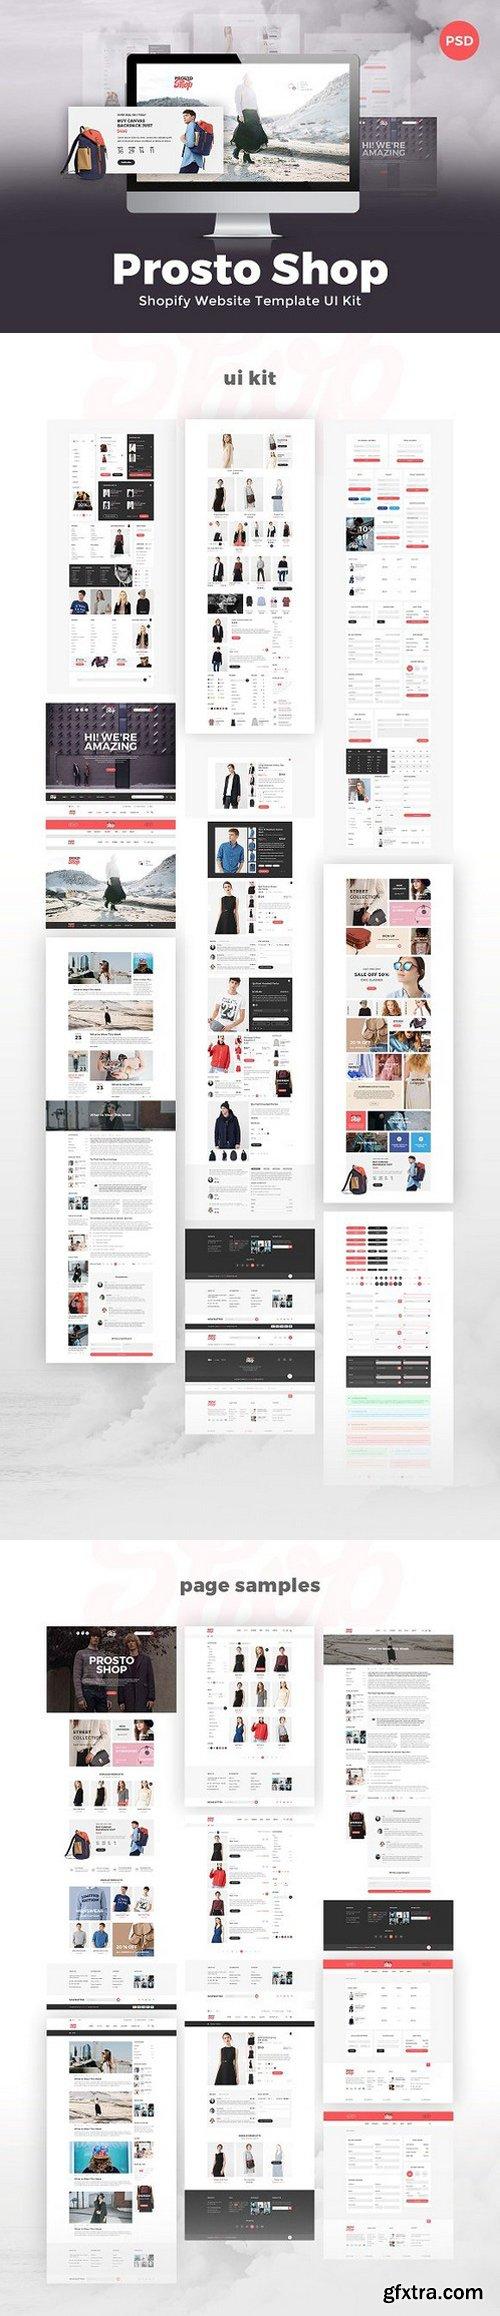 ProstoShop - Shopify Template UI Kit